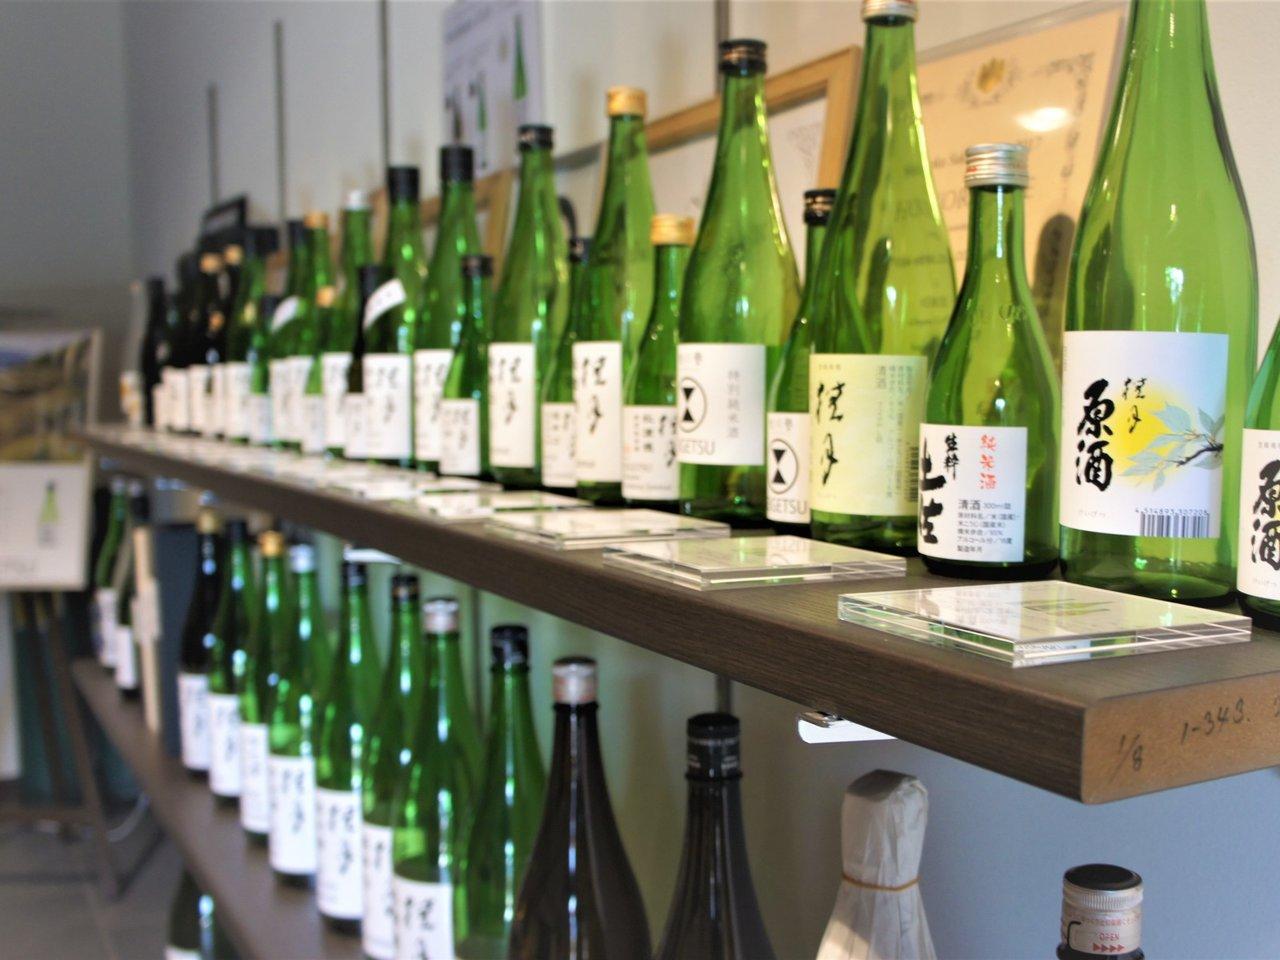 世界的品評会で頂点に!ソフトウェア会社社長の手がける日本酒とは